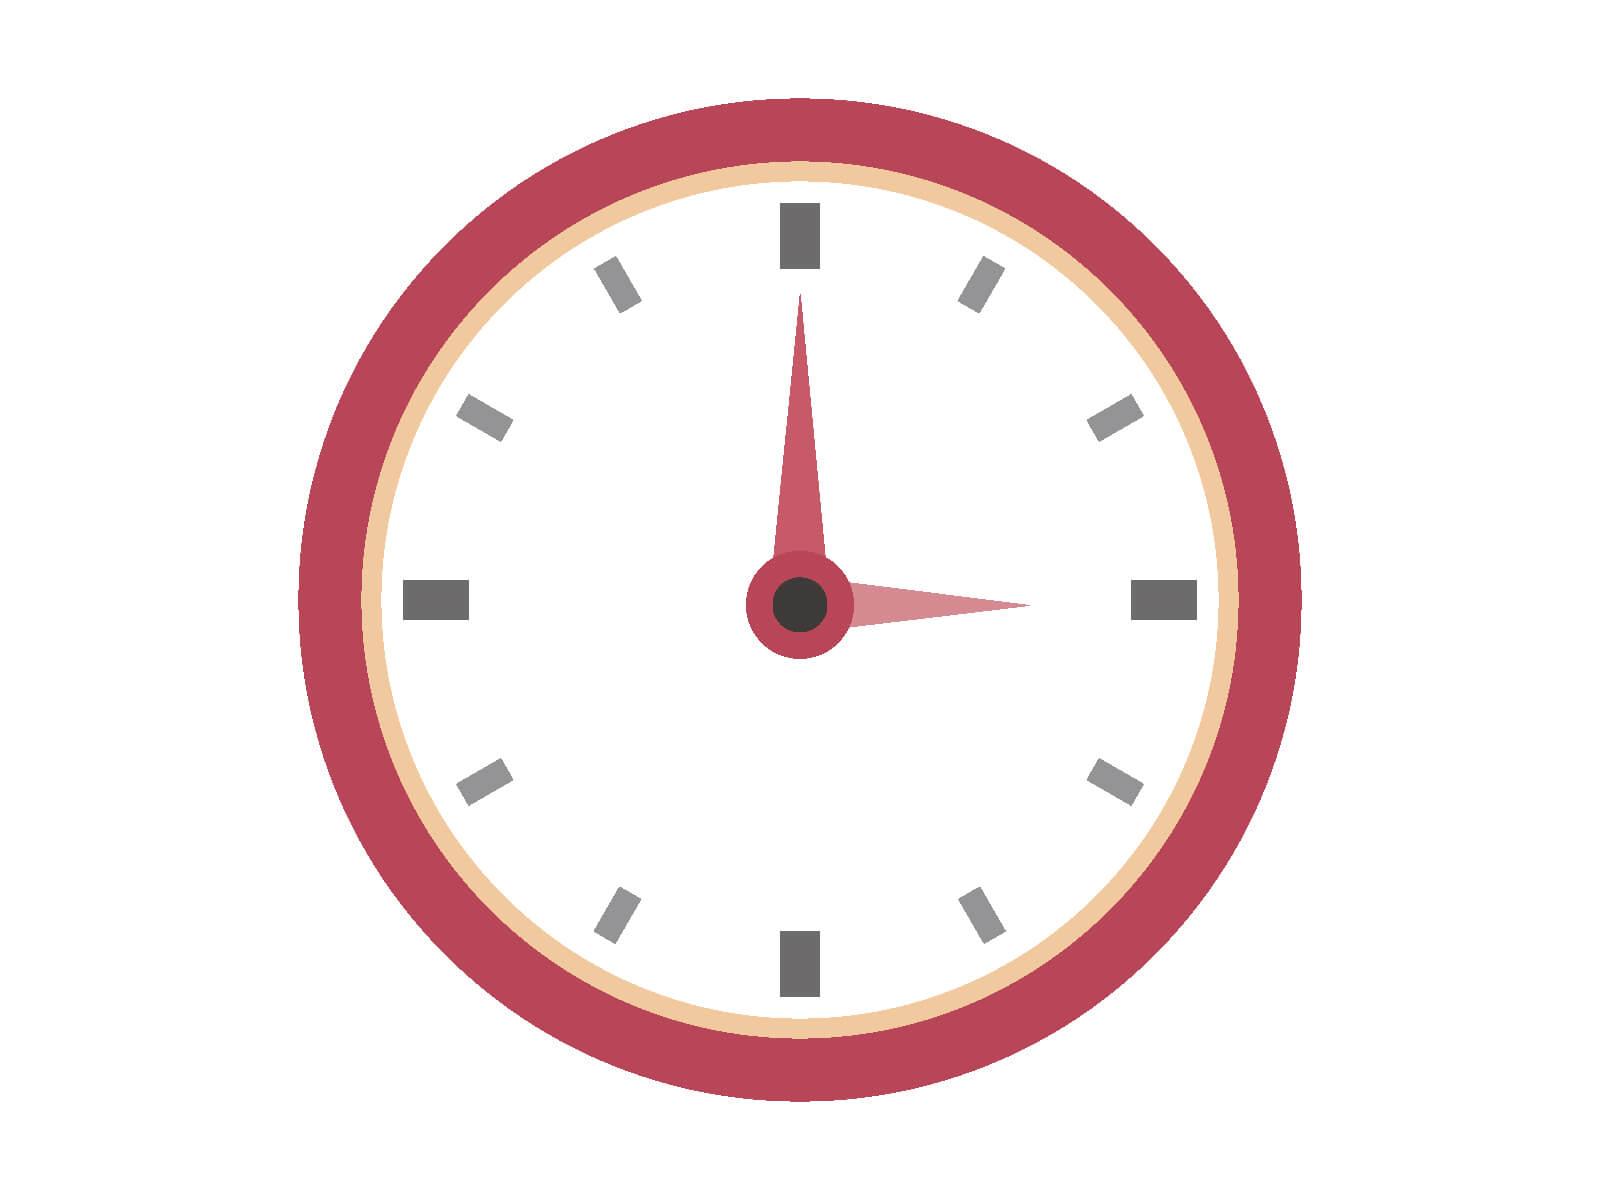 公文式バイトの出勤時間はいつ?時間の融通は利く?